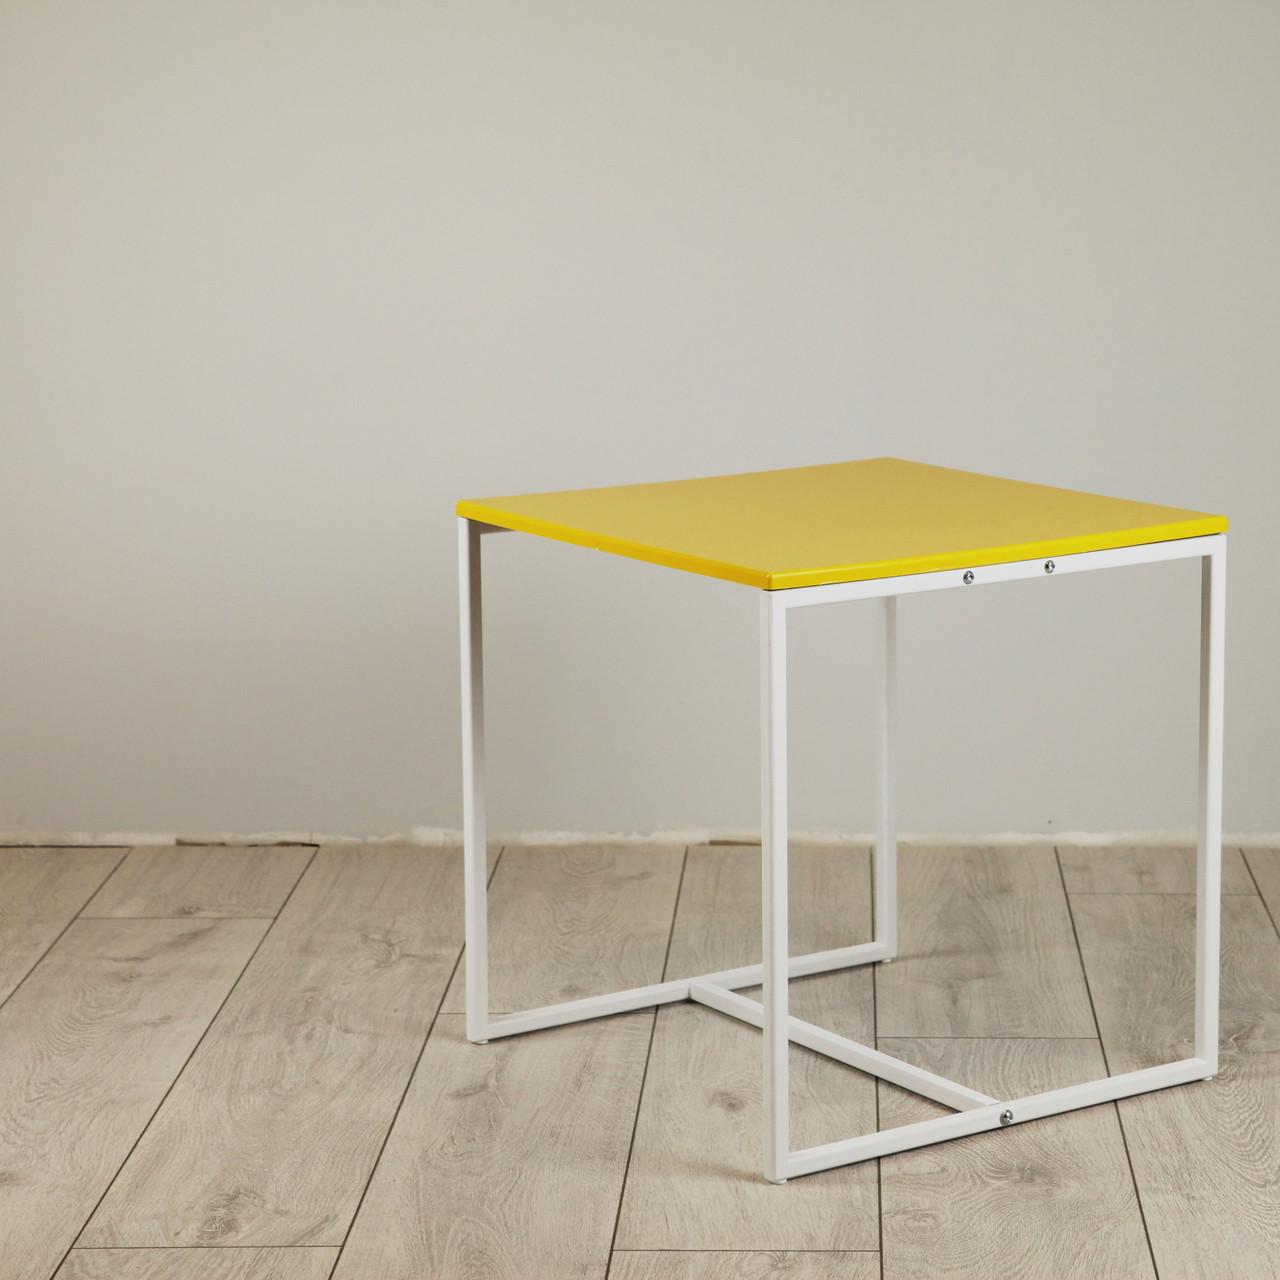 Стол журнальный Куб 400/450 Желтый - белый (Cub 400/450 yellow-white)